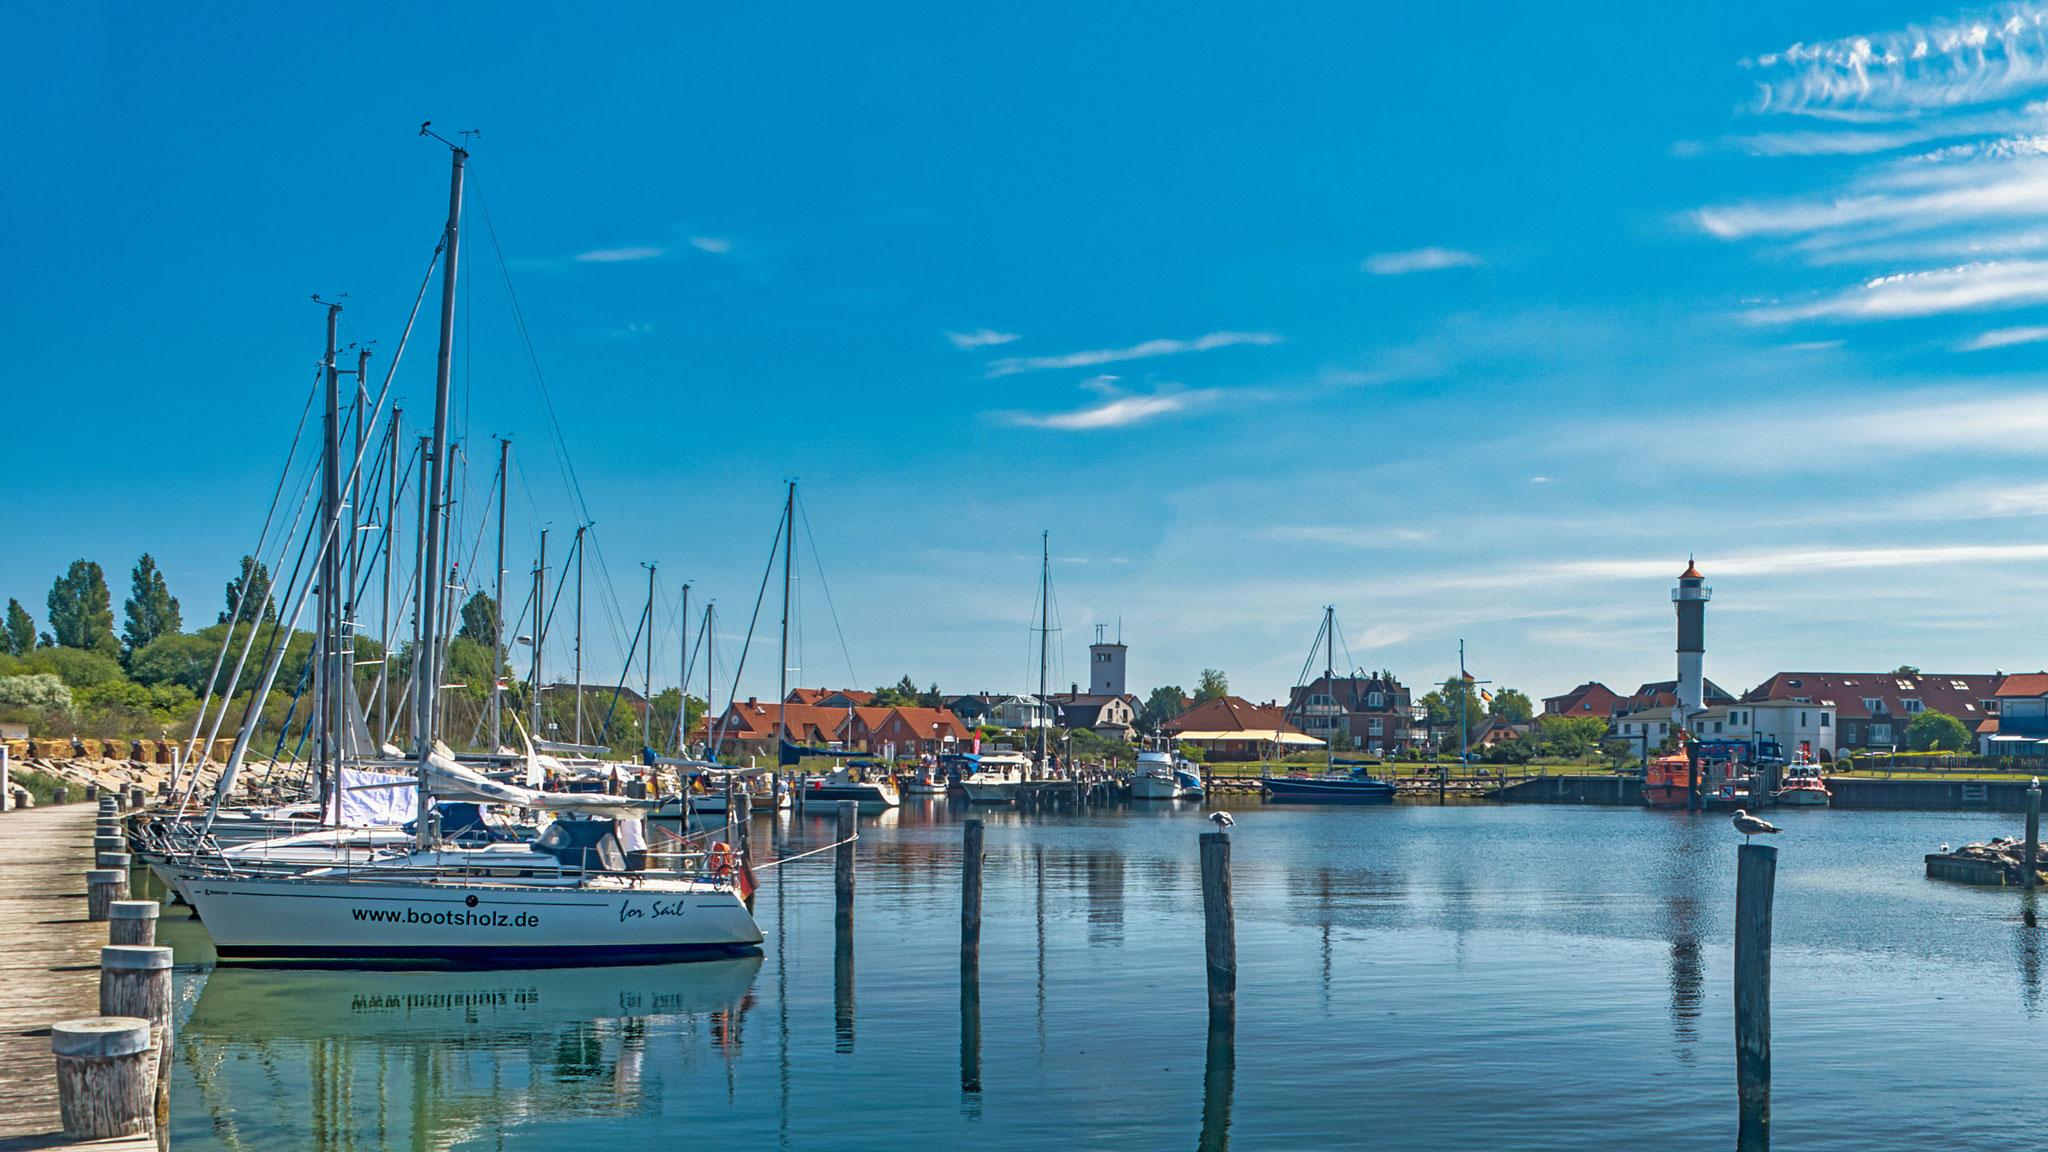 Hafenidylle Timmendorf Strand, Insel Poel, Reiner Liefeldt, 9.6.2021